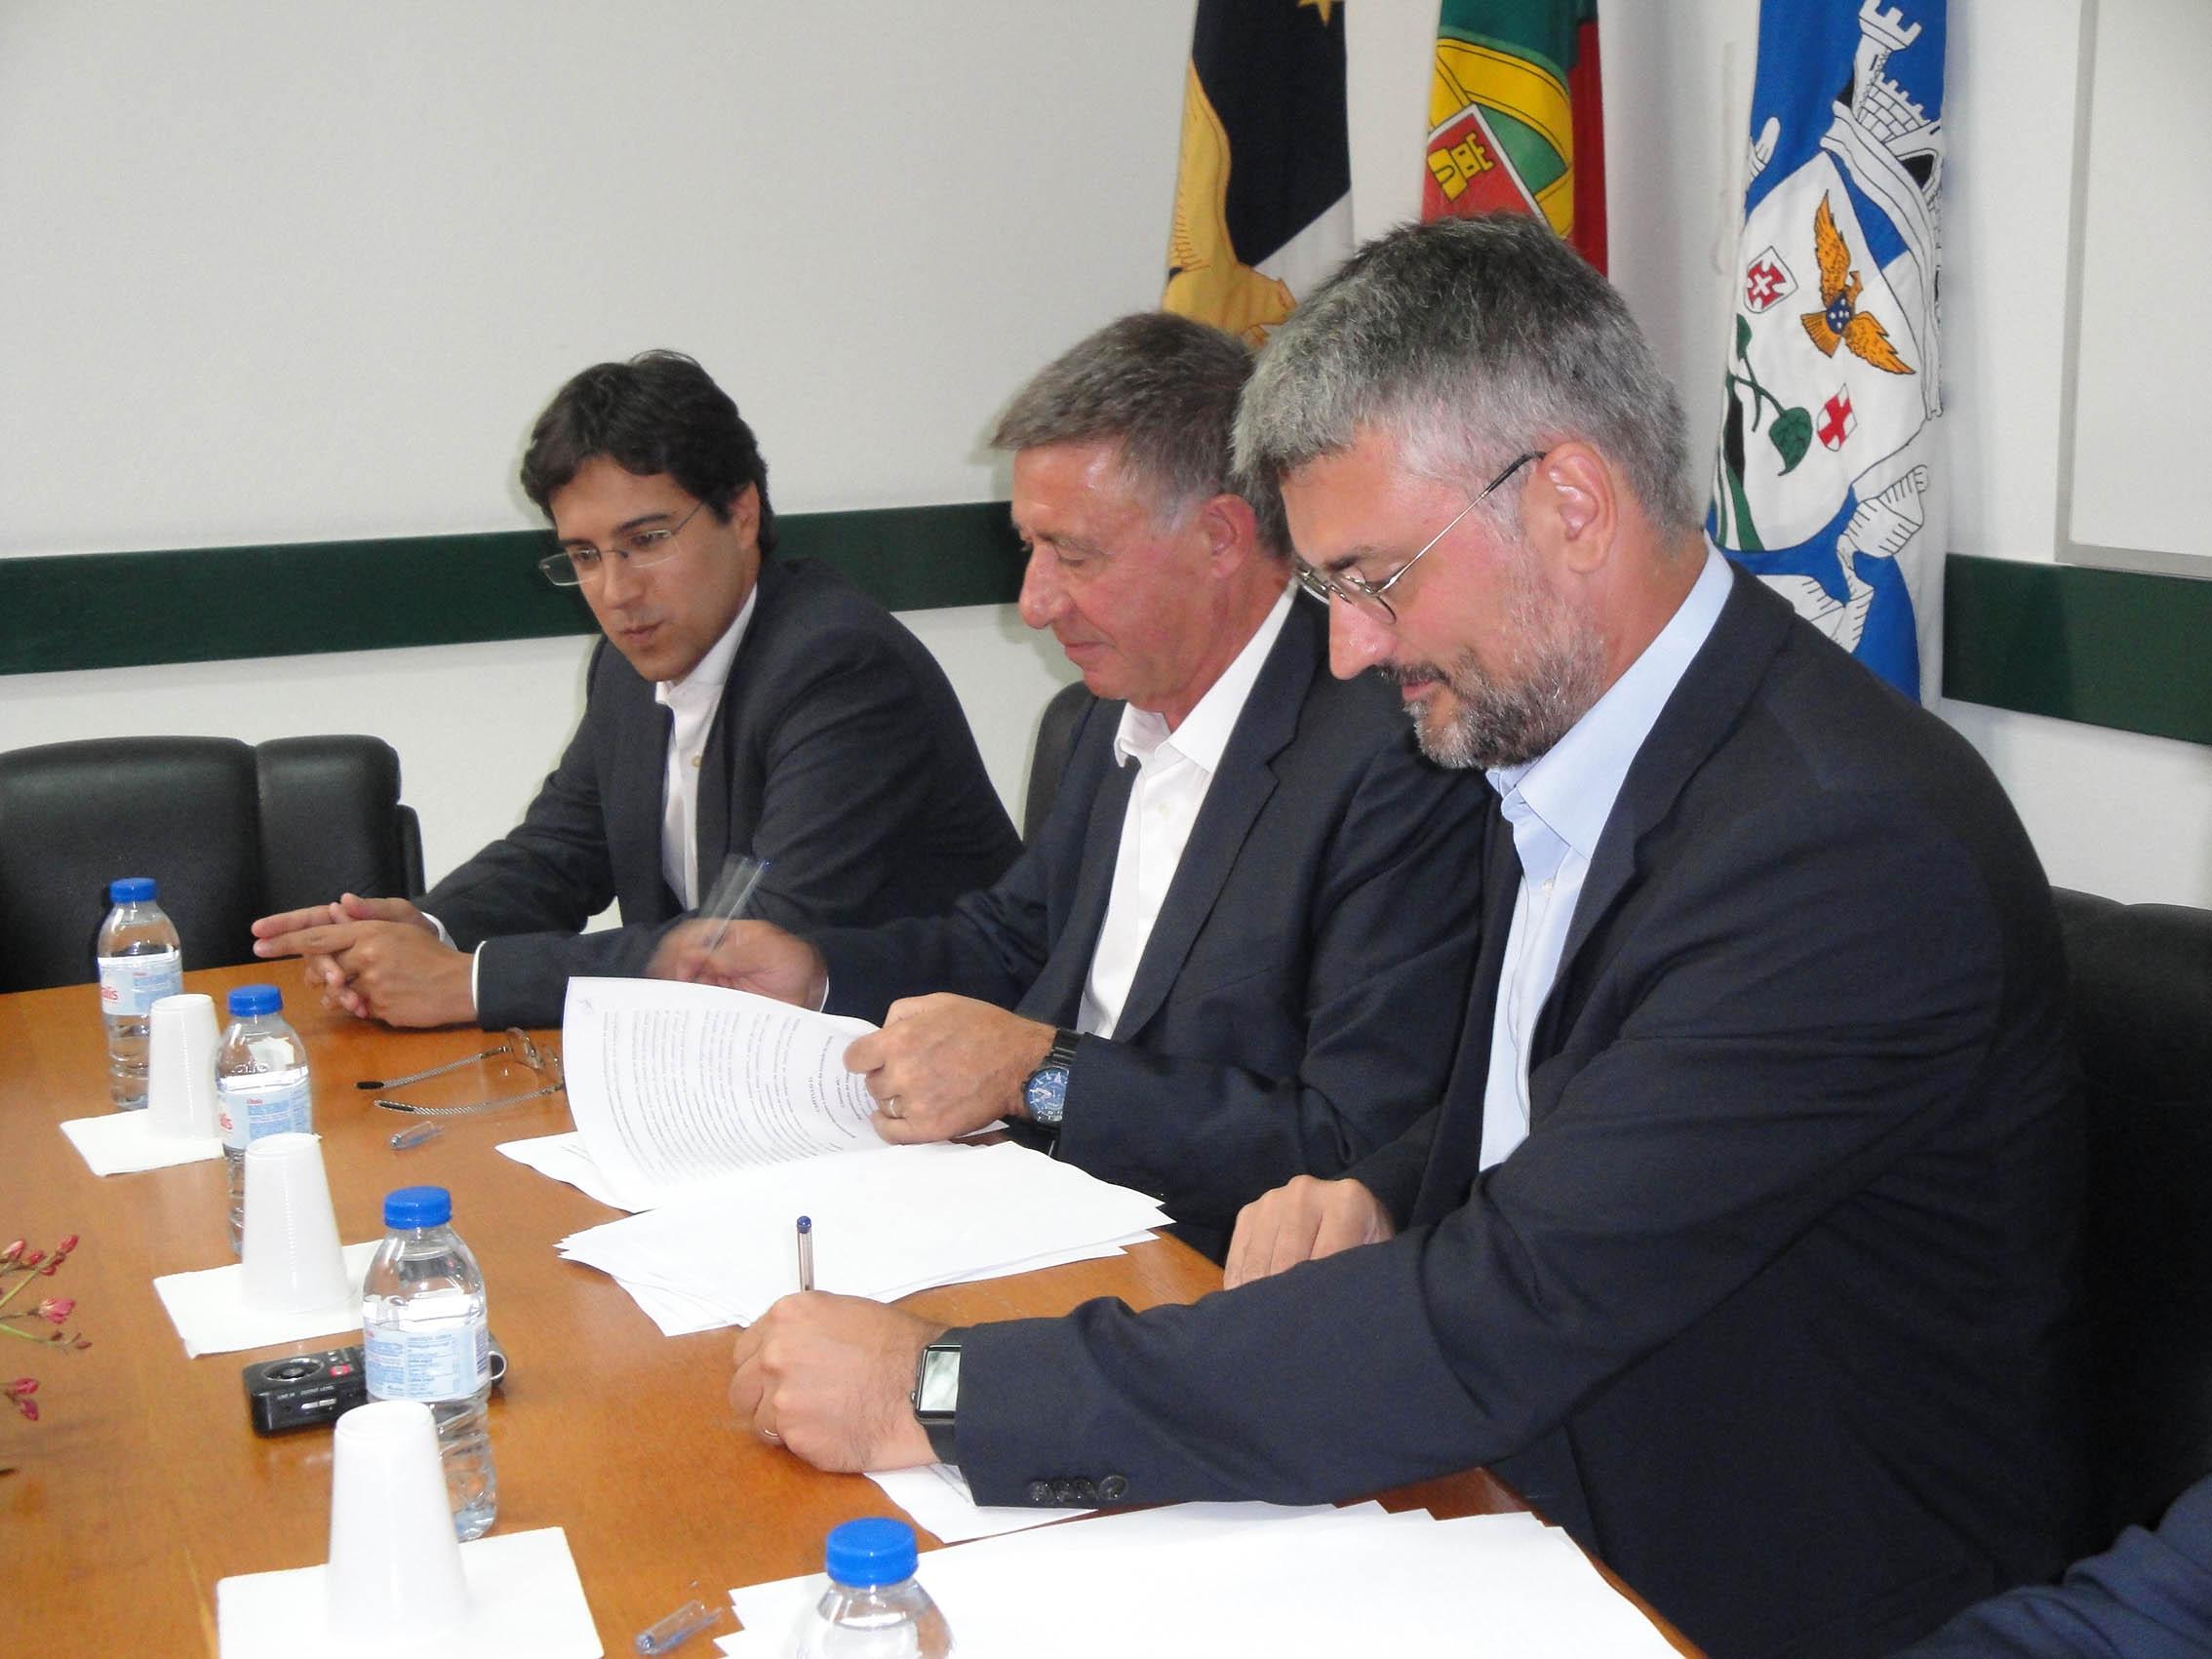 Centro de Saúde da Calheta vai ser alvo de obras de reabilitação e ampliação (c/áudio)